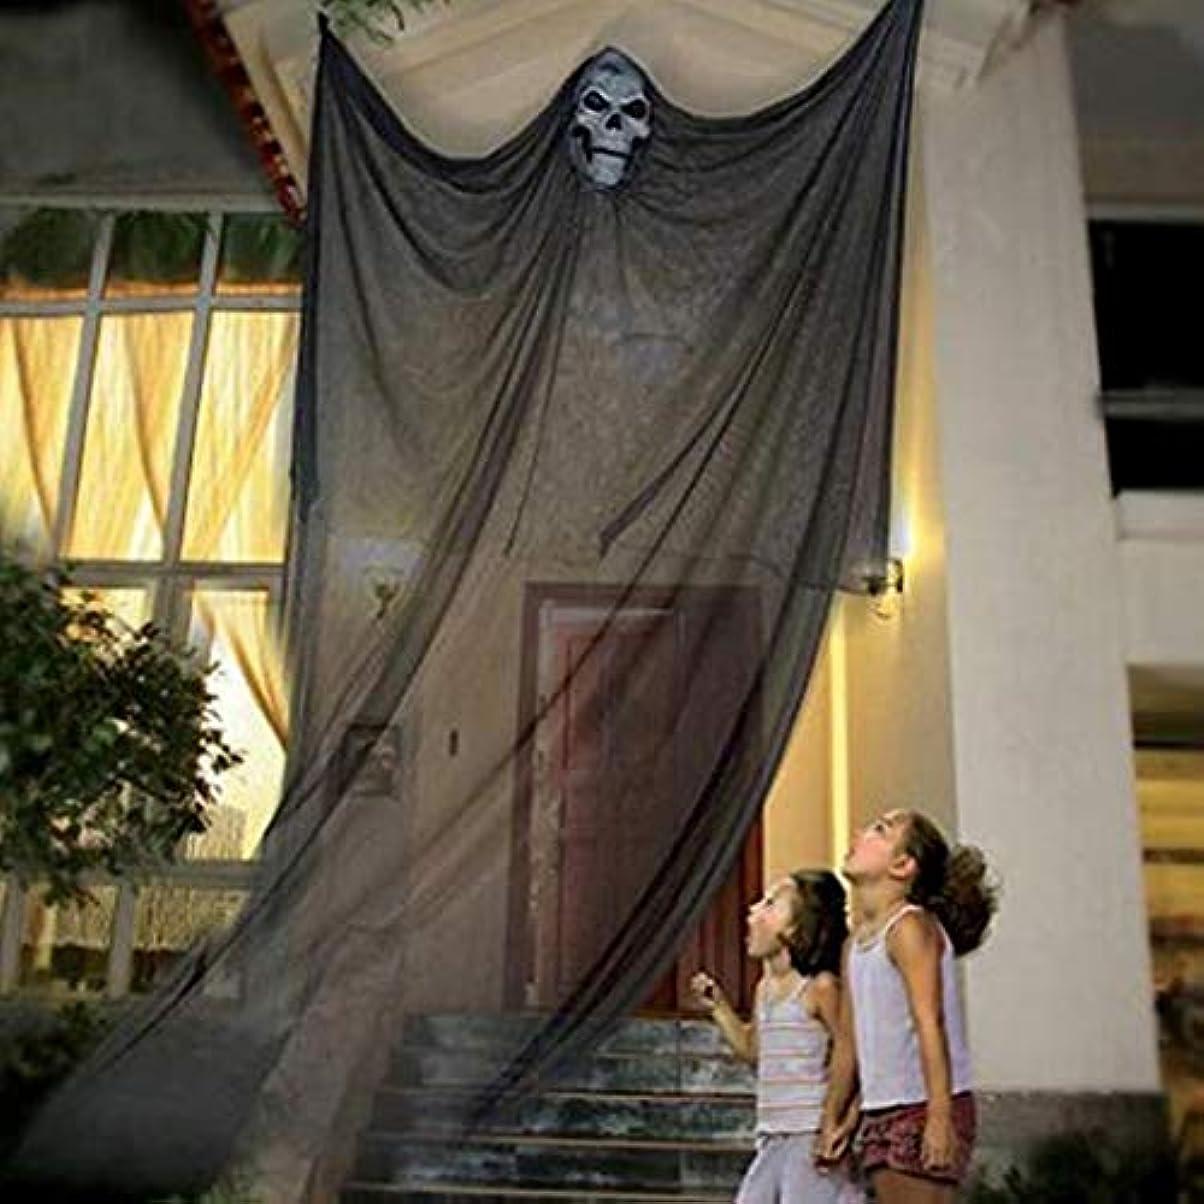 アフリカ騙すフォーク屋外党家のためのハロウィーンの装飾の掛かる幻影の怖いカーテン (Color : BLACK)